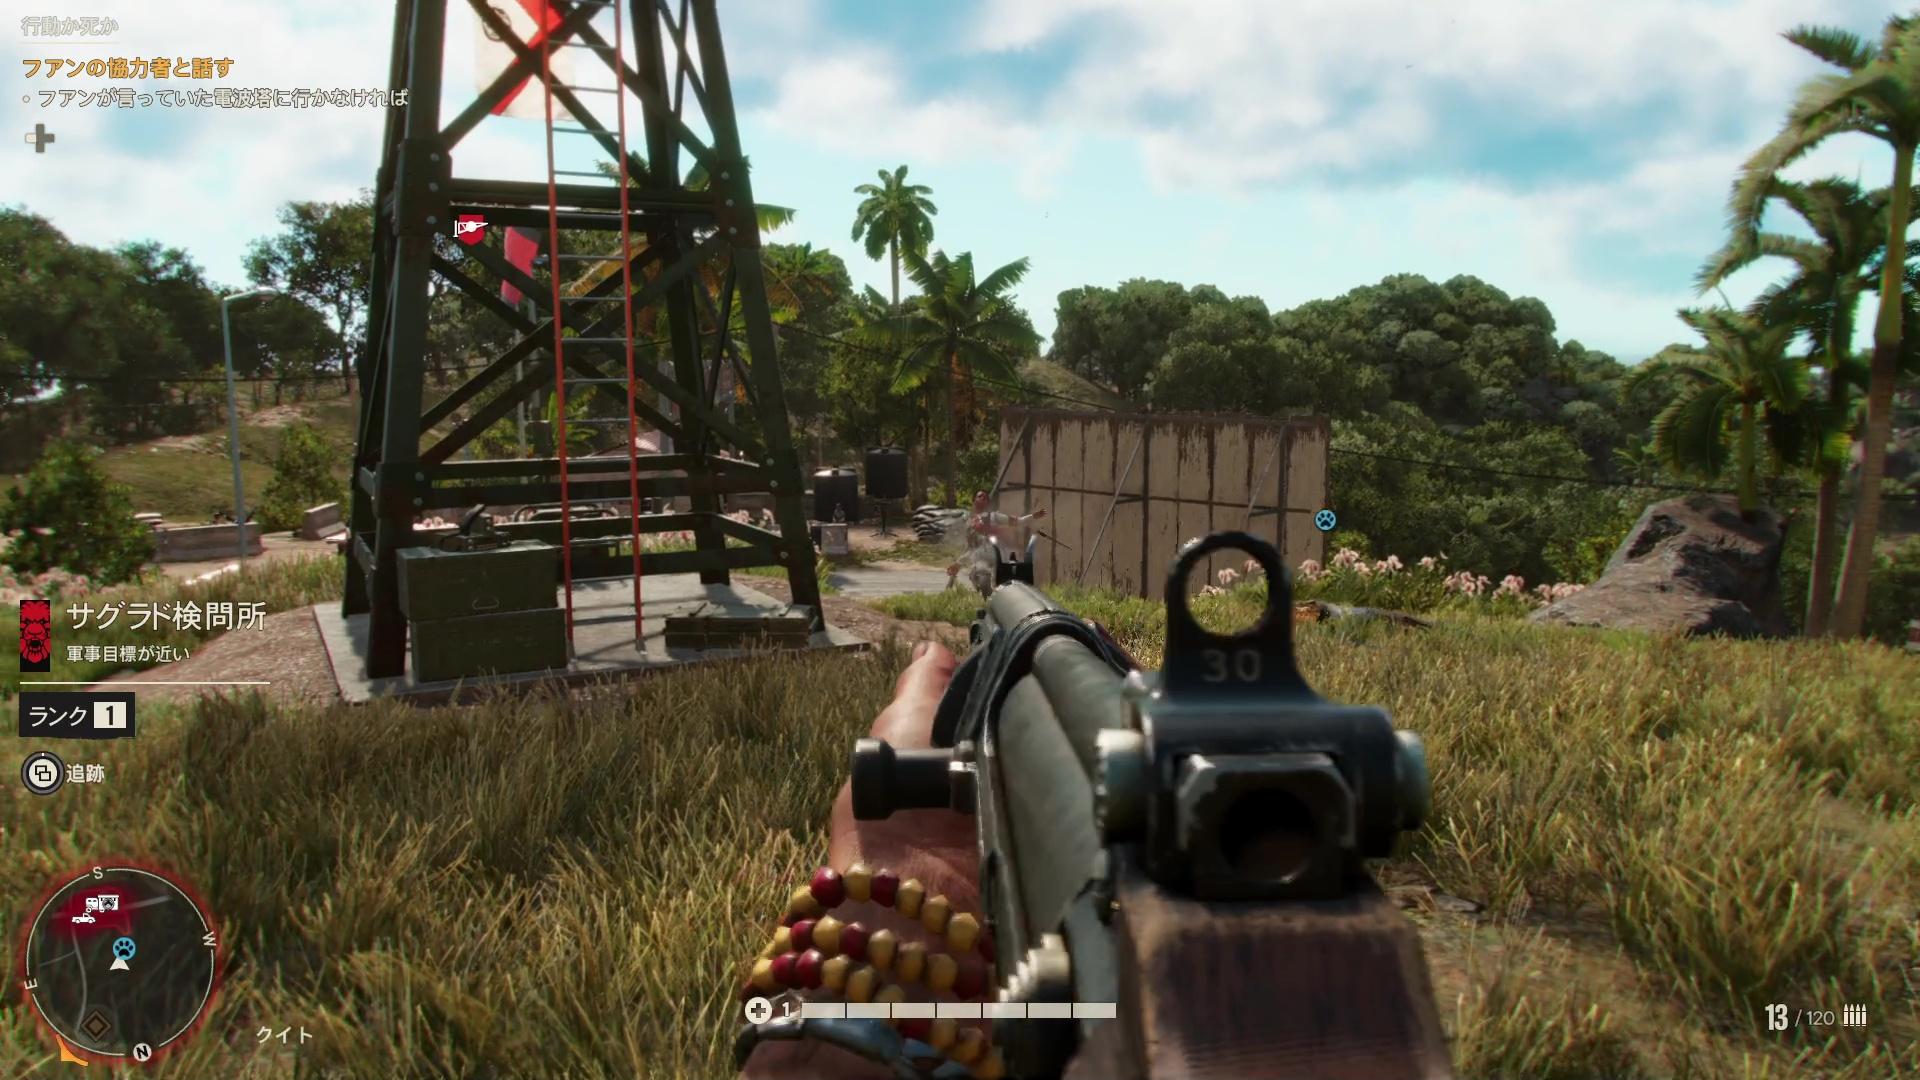 シリーズ恒例のオープンワールドFPSのゲームデザインに加え、斬新なシステムも導入されている